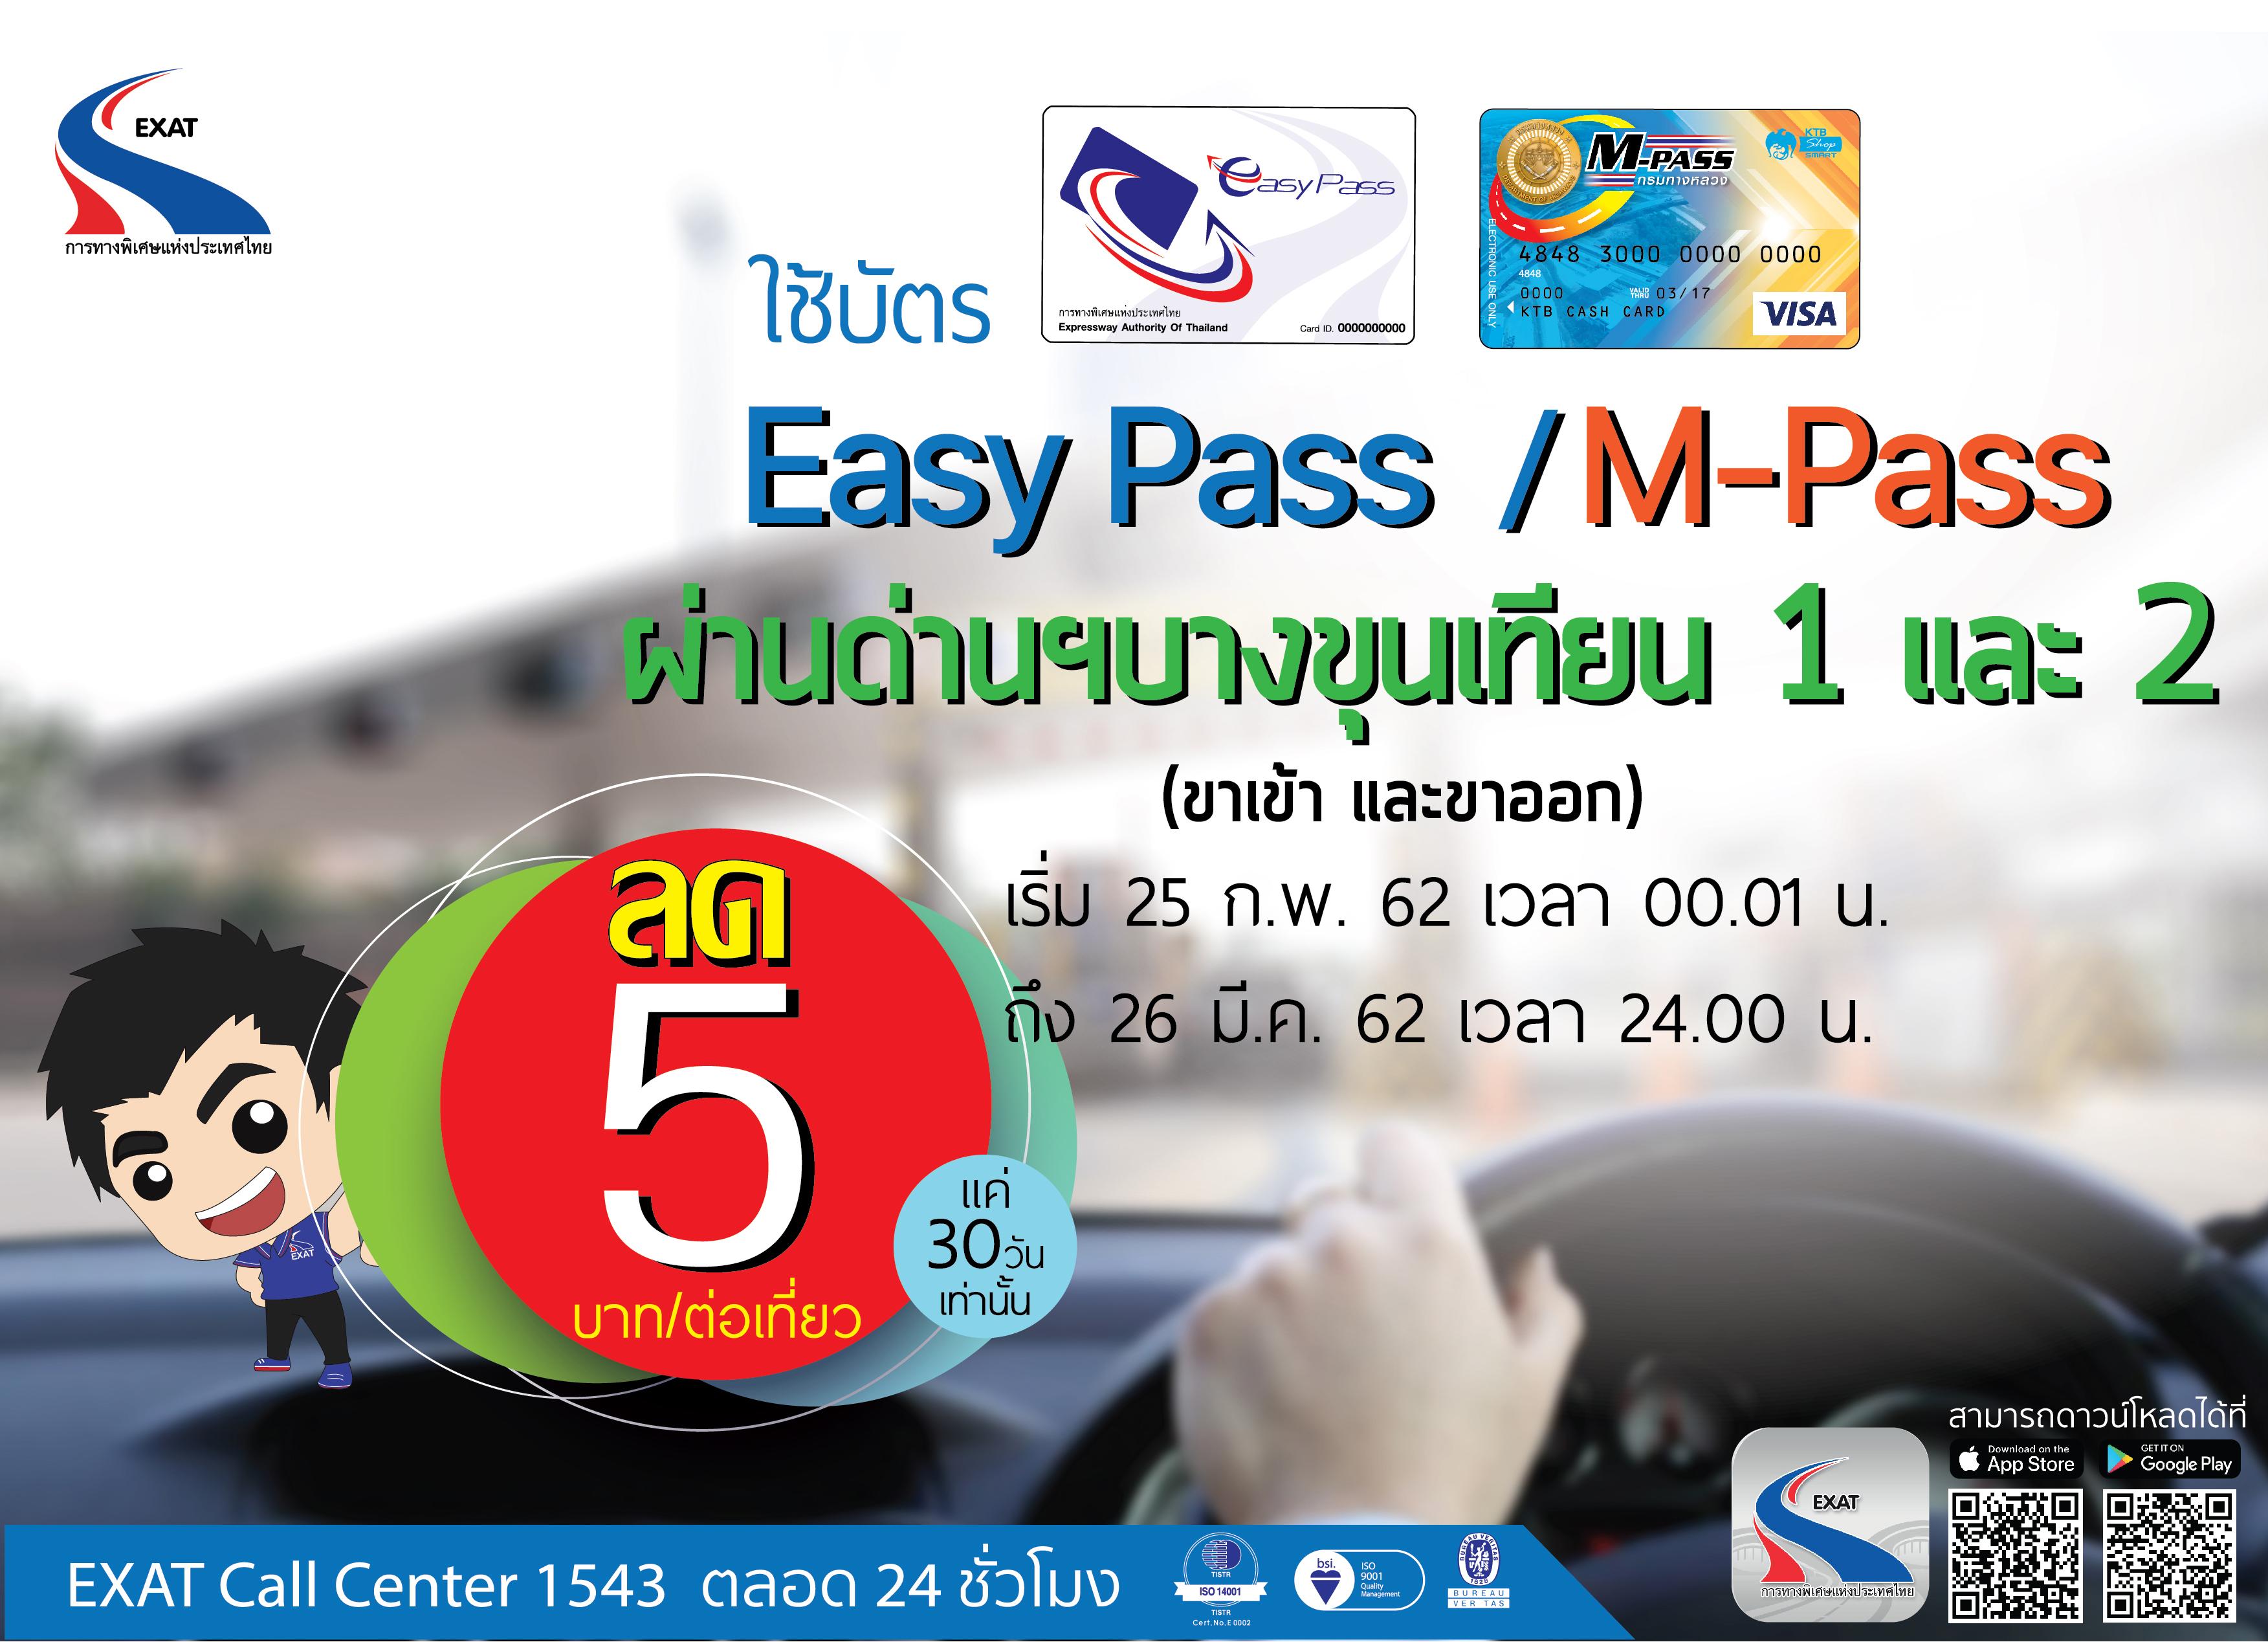 กทพ. จัดโปรฯ ใช้บัตร Easy Pass หรือ M - Pass ผ่านด่านฯ บางขุนเทียน ทั้งขาเข้าและขาออก ลดทันที 5 บาท/เที่ยว เริ่ม 25 กุมภาพันธ์ ถึง 26 มีนาคม 2562